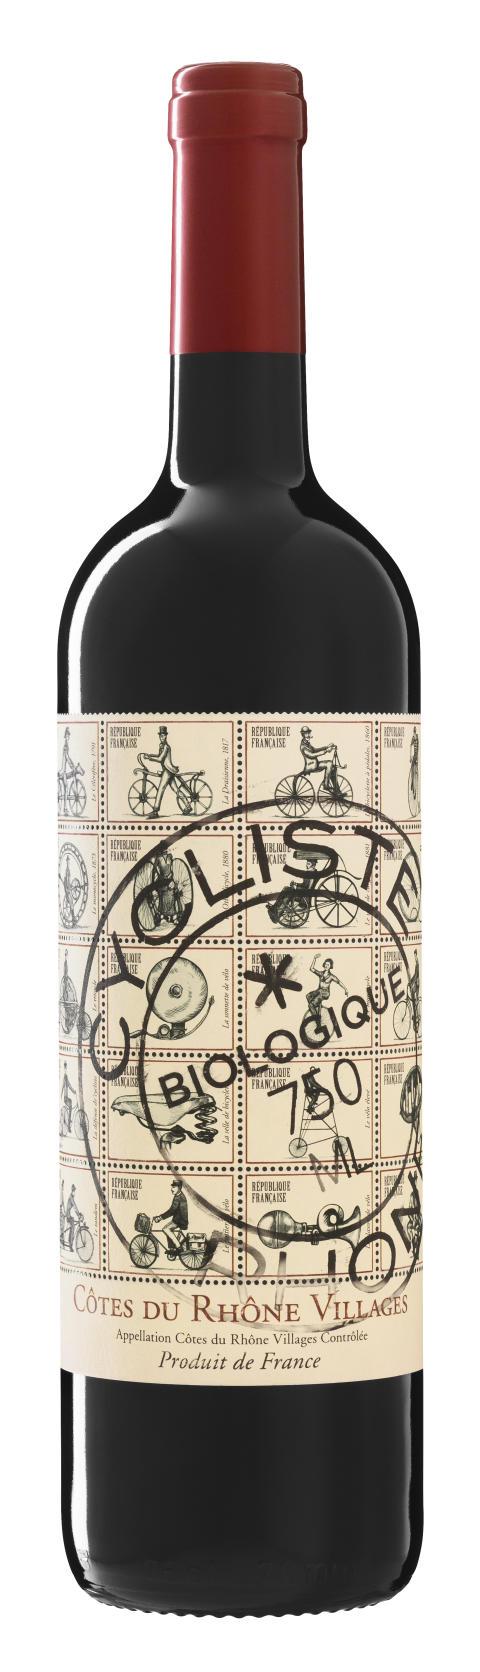 Flaskbild_Cycliste Côtes du Rhône Villages 2014, 89 kr